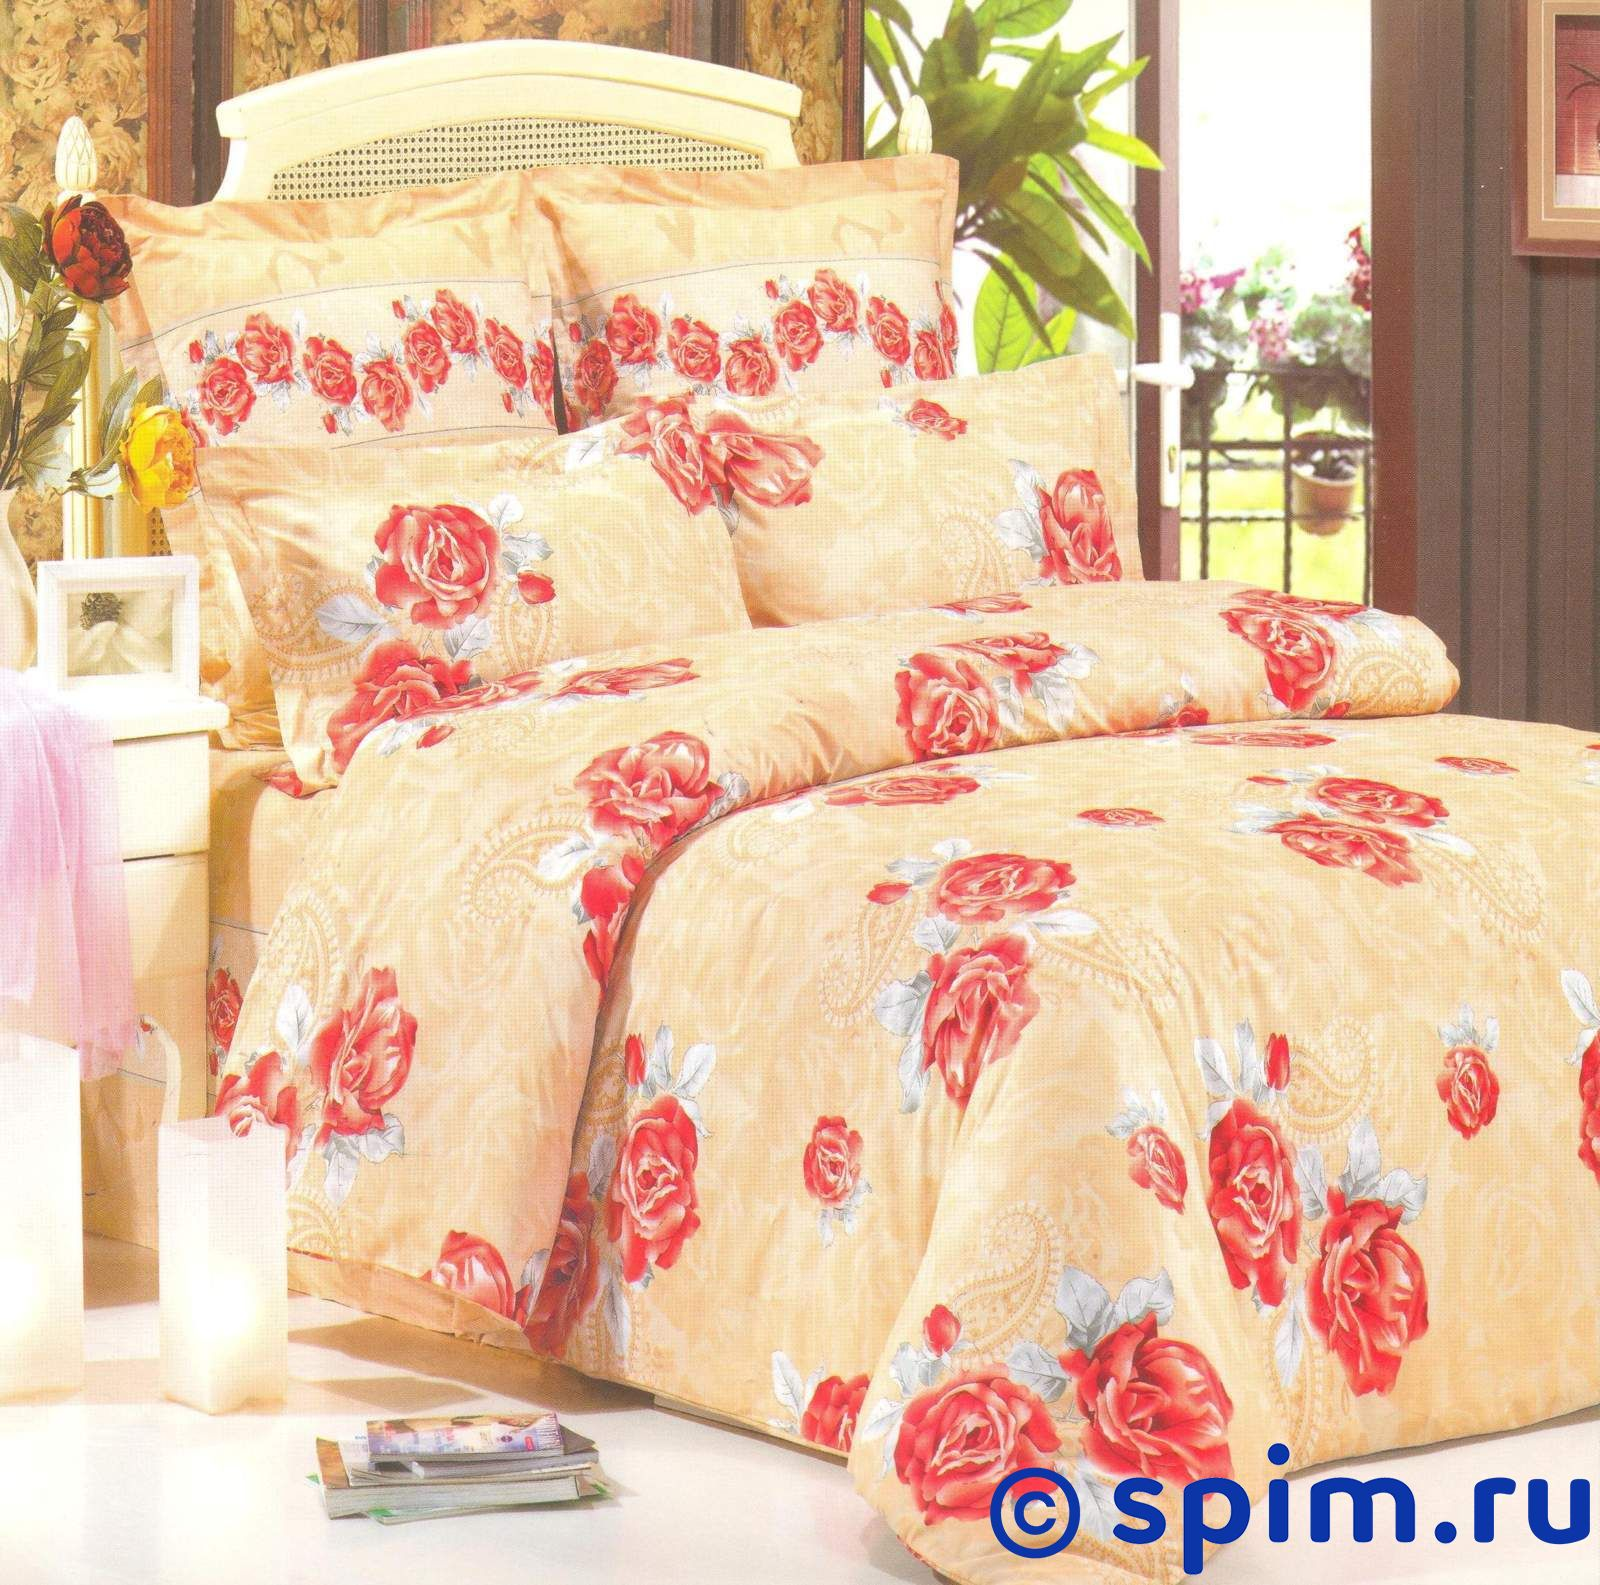 Комплект СайлиД В73 2 спальноеСатиновое постельное белье СайлиД<br>Материал: 100% хлопок (печатный сатин). Плотность, г/м2: 130. Размер Sailid Б: 2 спальное<br><br>Размер: 2 спальное